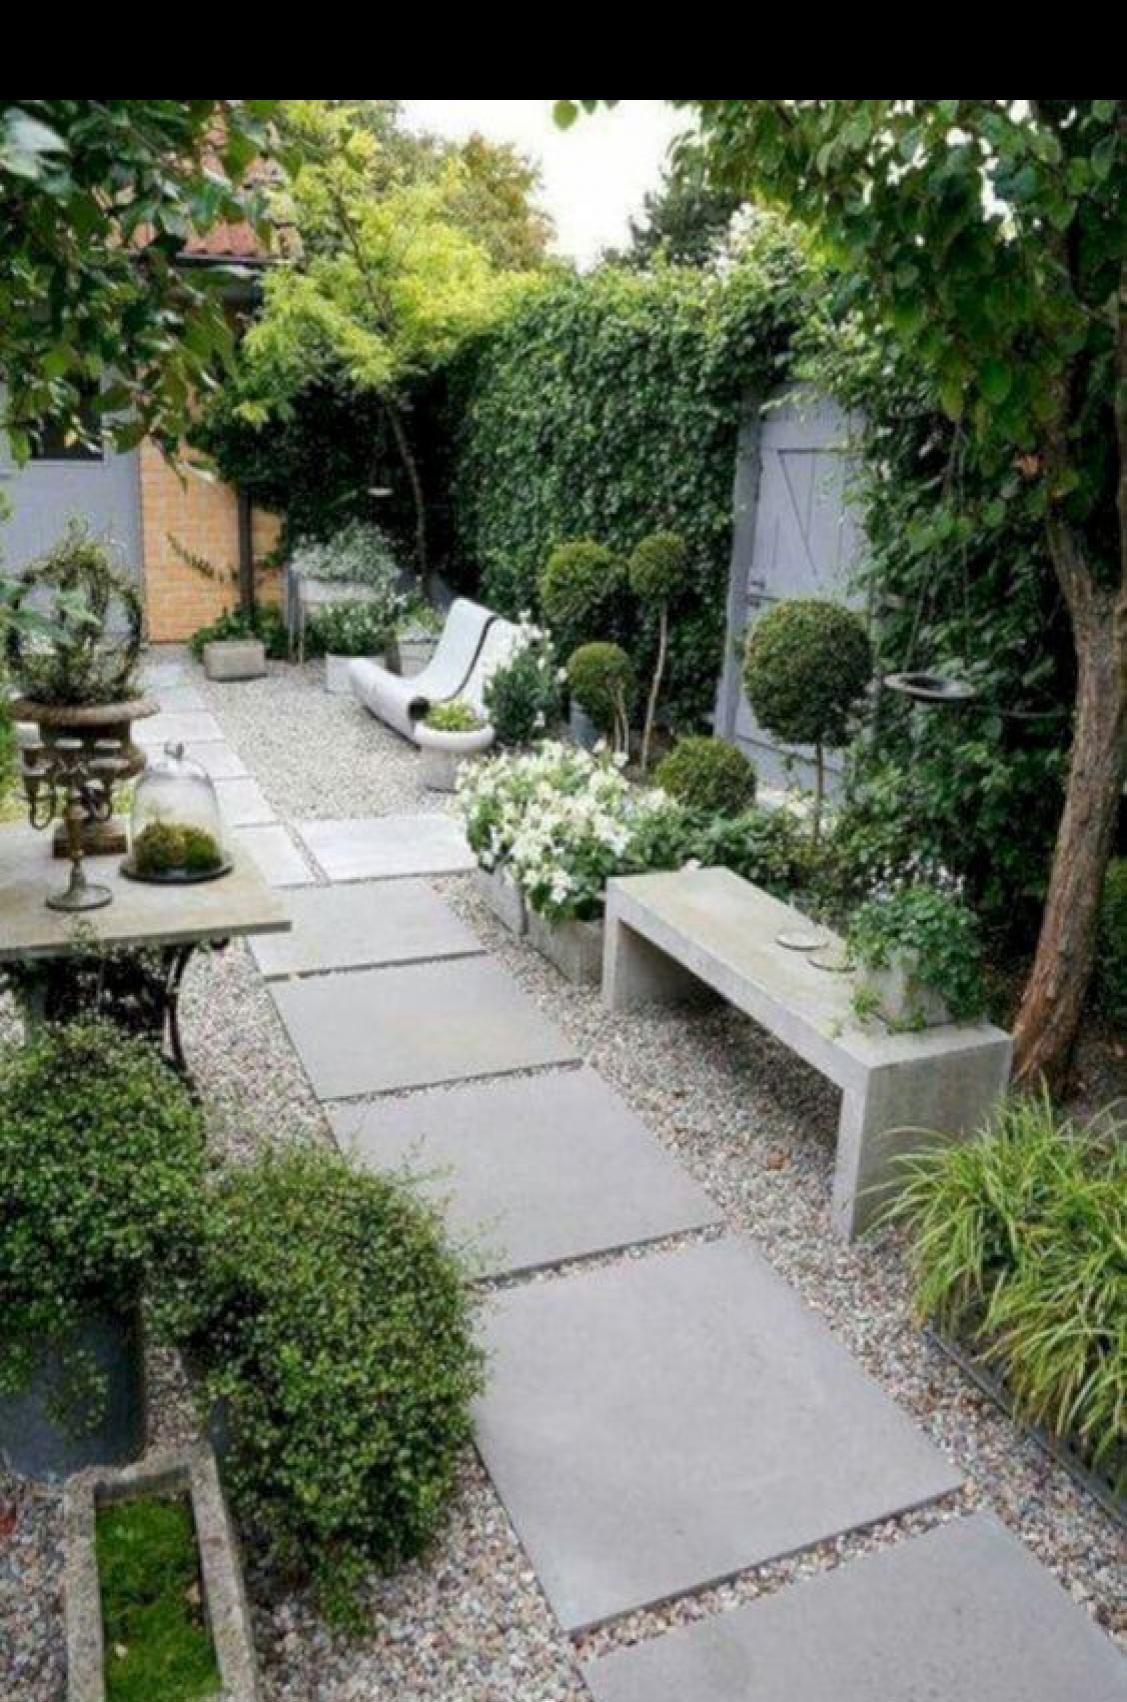 Pin On Gardening Backyard garden ideas on pinterest